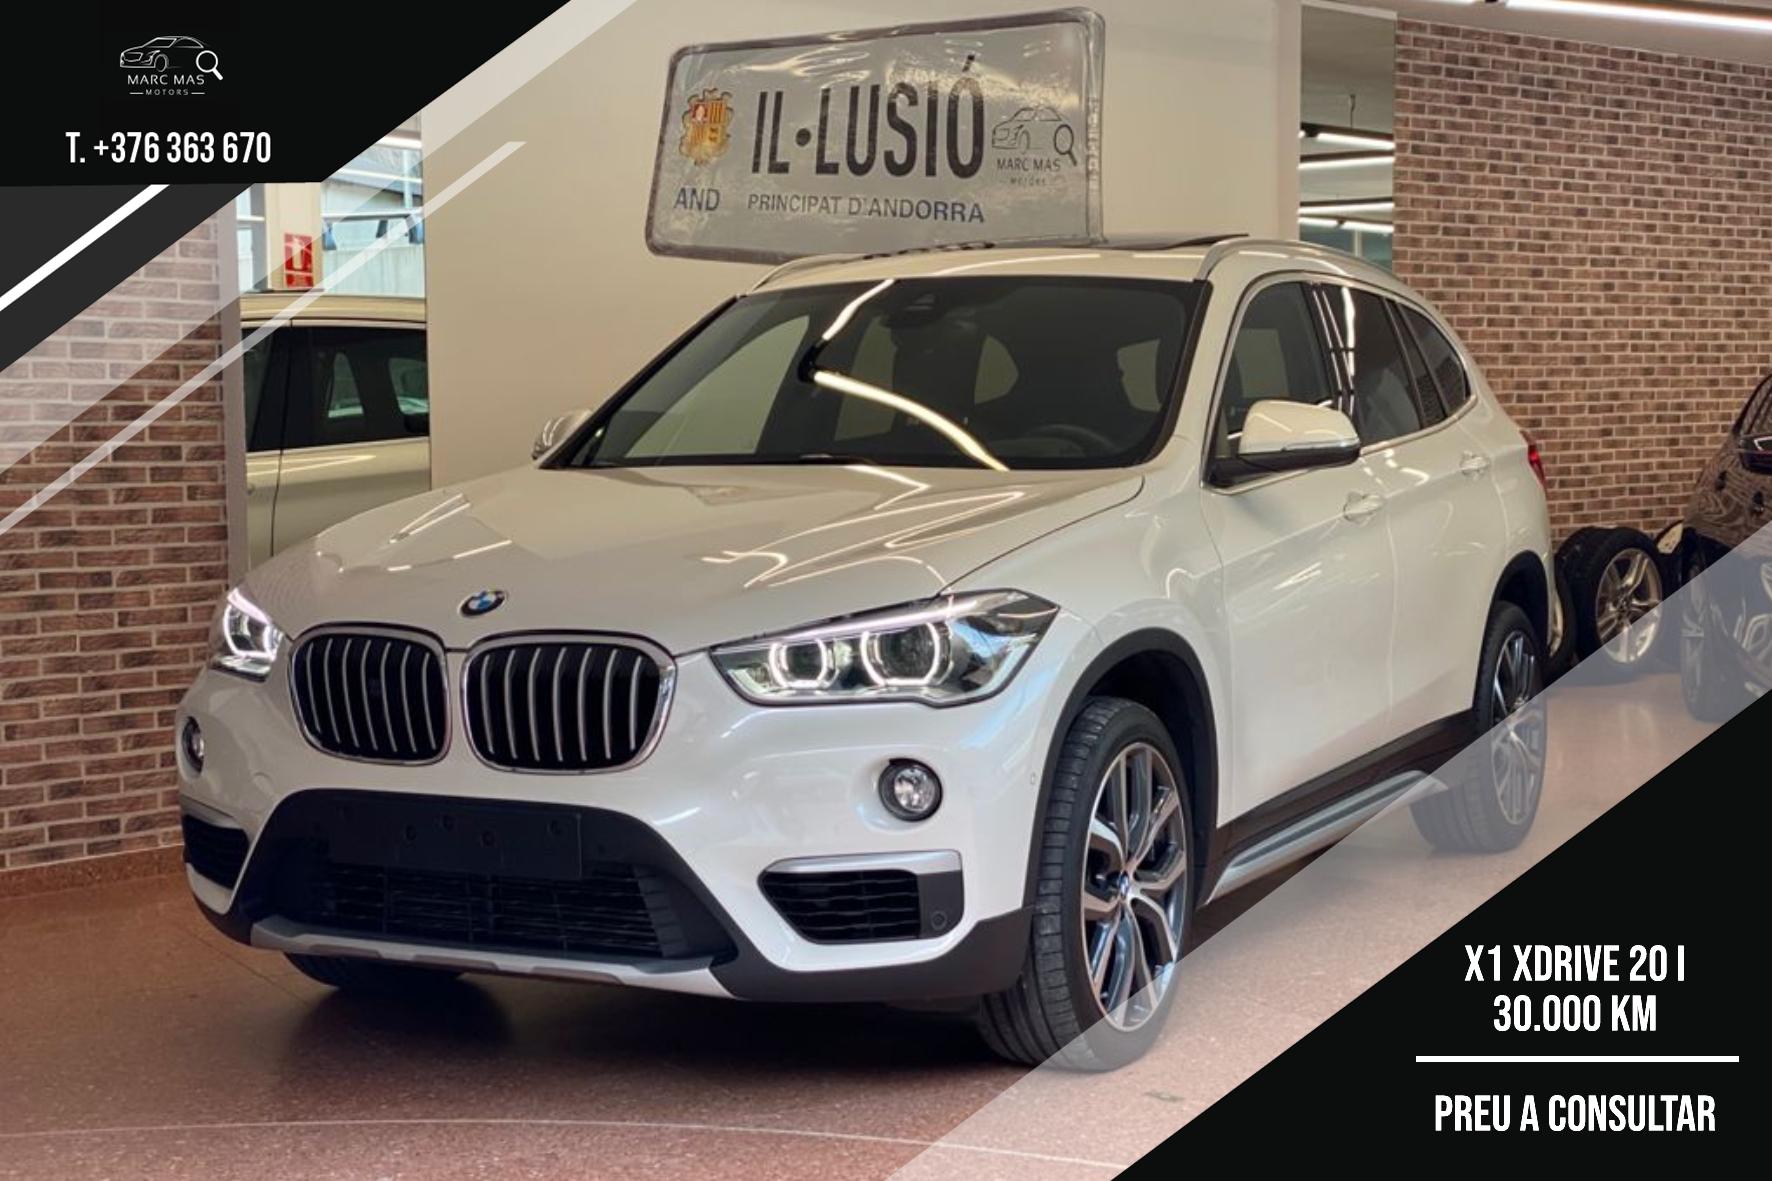 BMW - X1 - BMW X1 XDRIVE 20 I  BMW X1 XDRIVE 20 I  Benzina  2018  30.000 Km